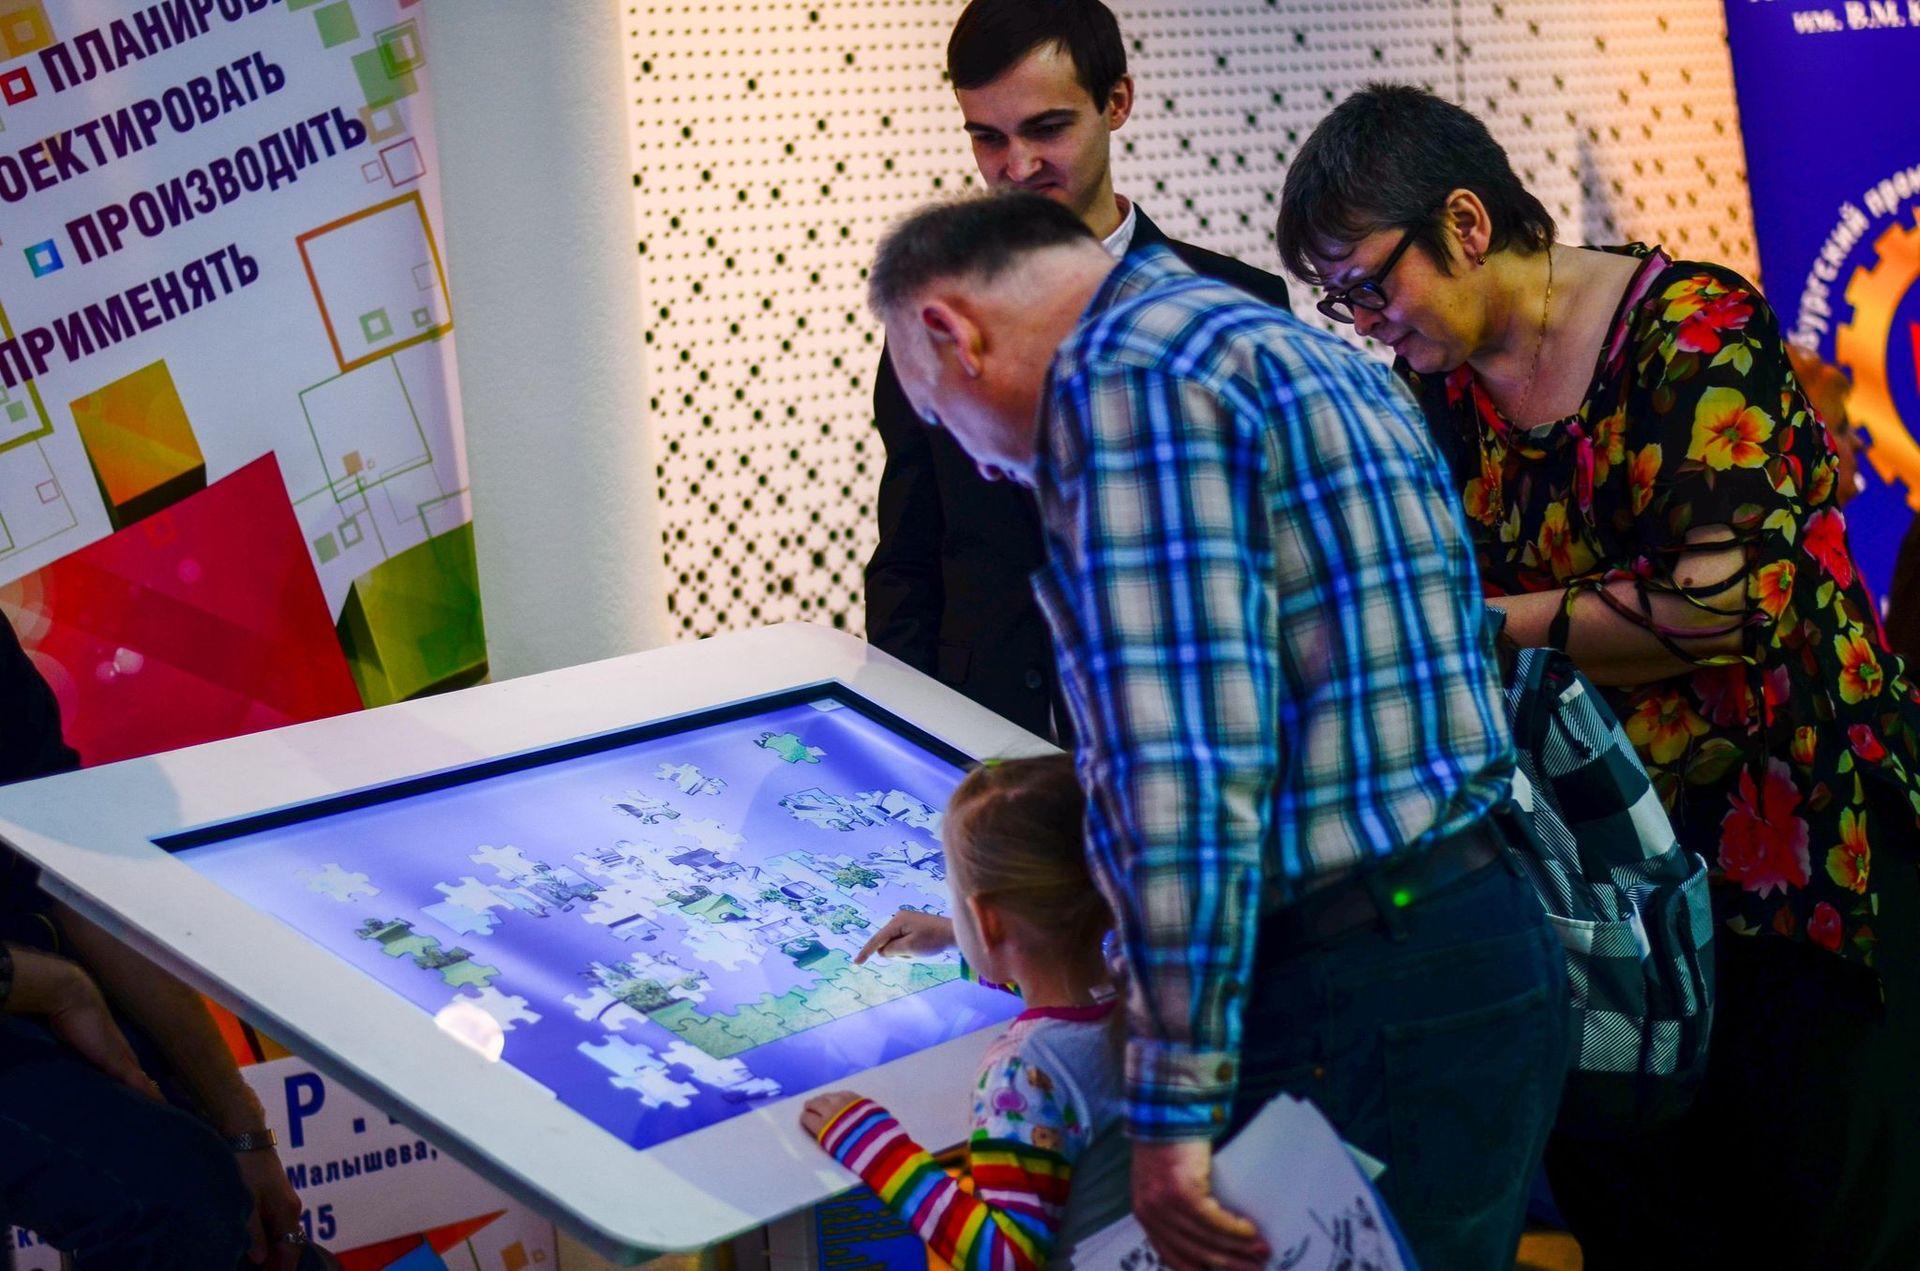 Фестиваль Город Технотворчества 2016, или как привлечь детей к технике - 16